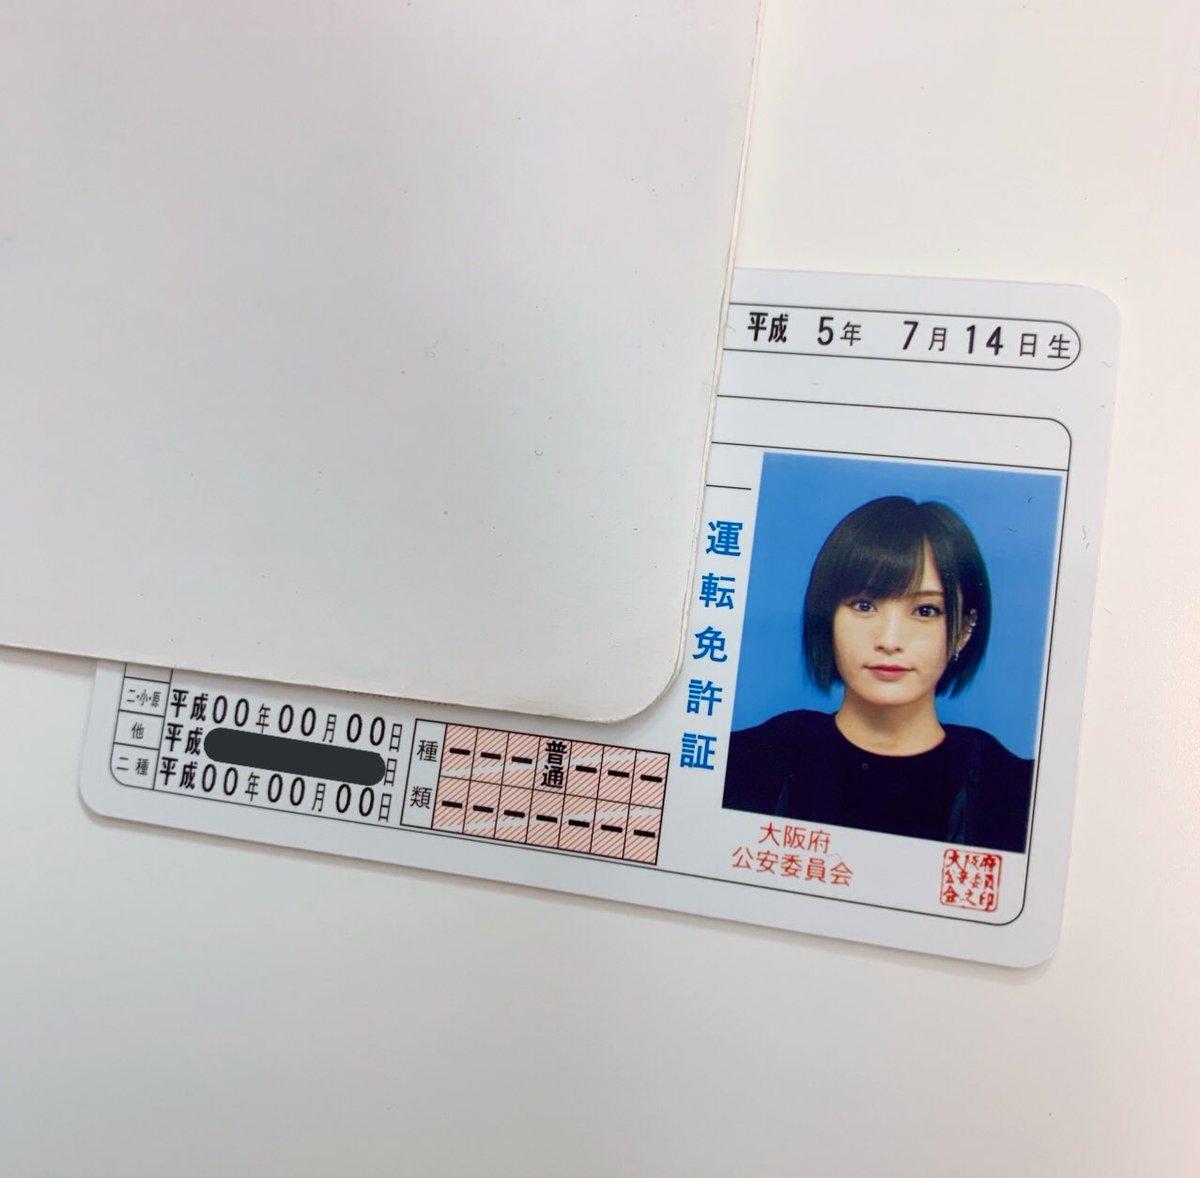 【速報】山本彩さん免許取得